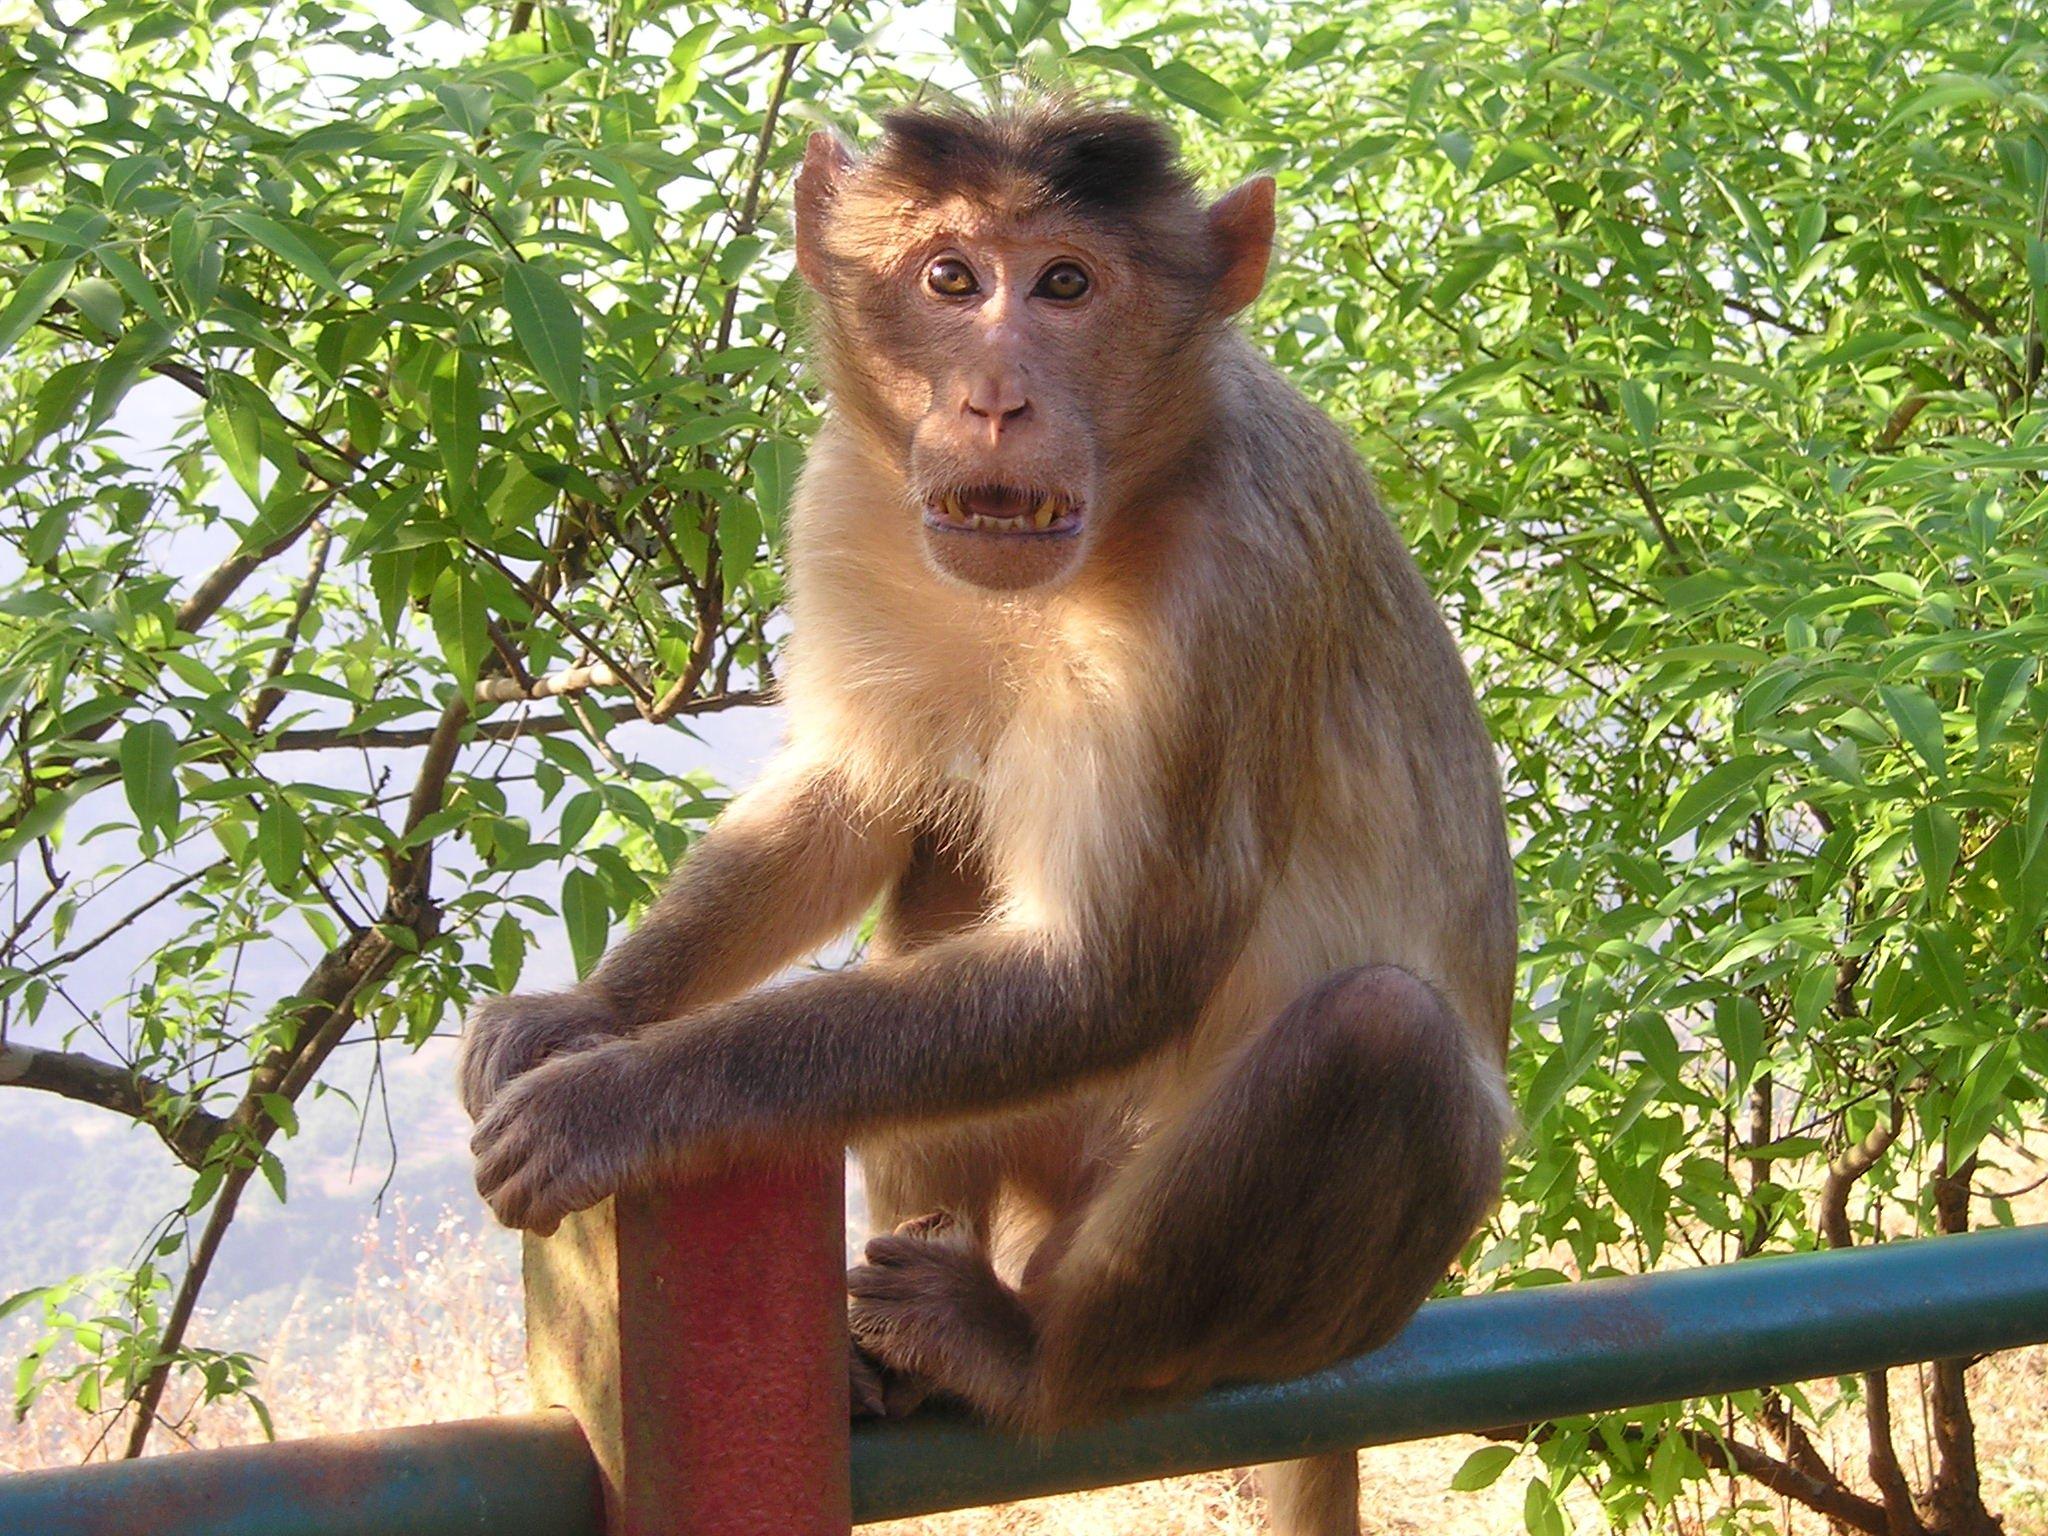 картинки диких обезьян был очень